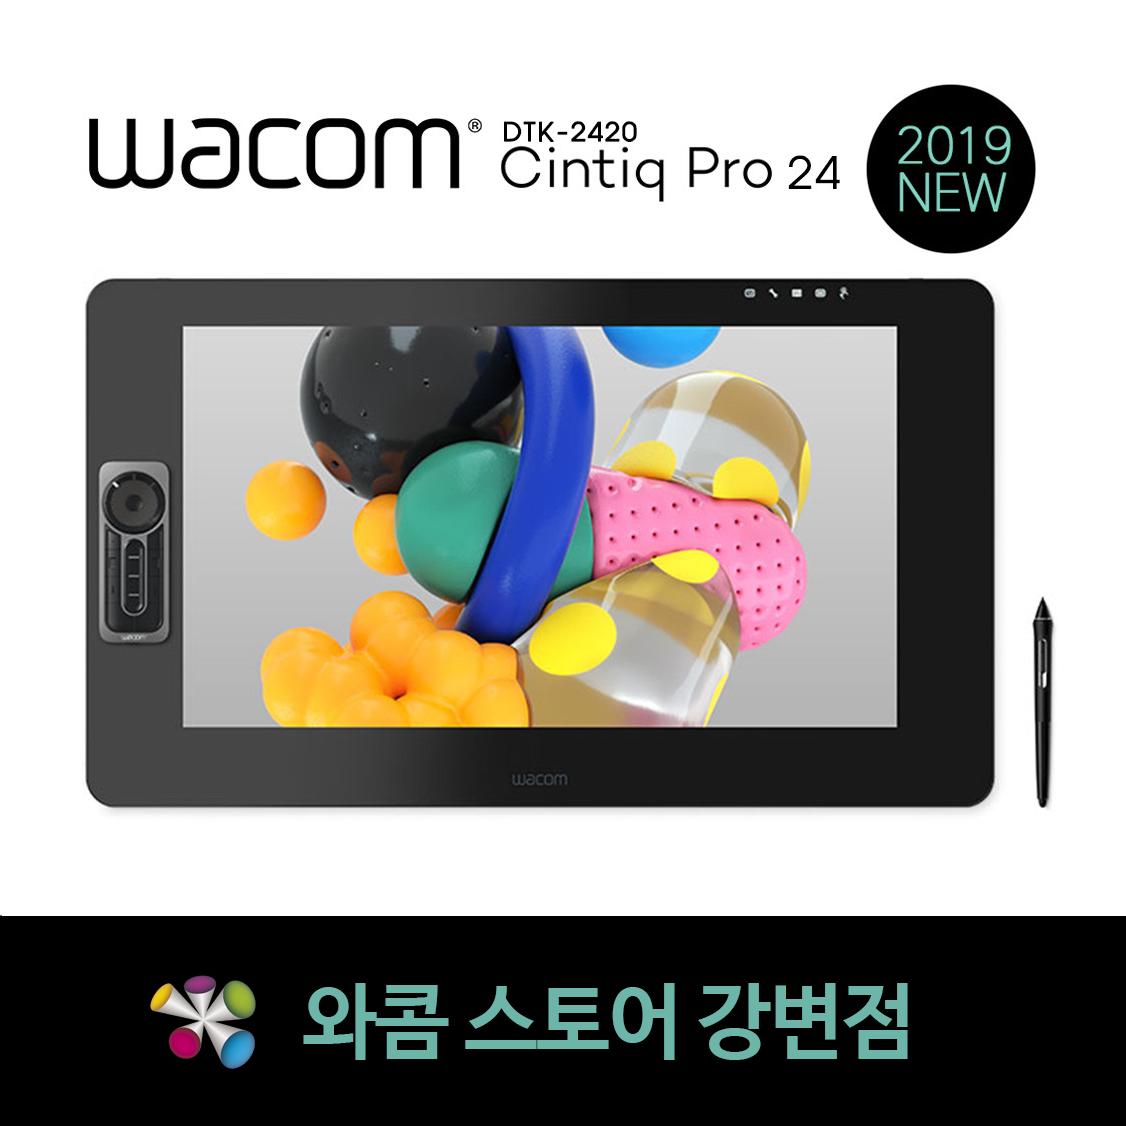 와콤 WACOM 신티크 프로 24 DTK-2420 타블렛, 일반 DTK-2420